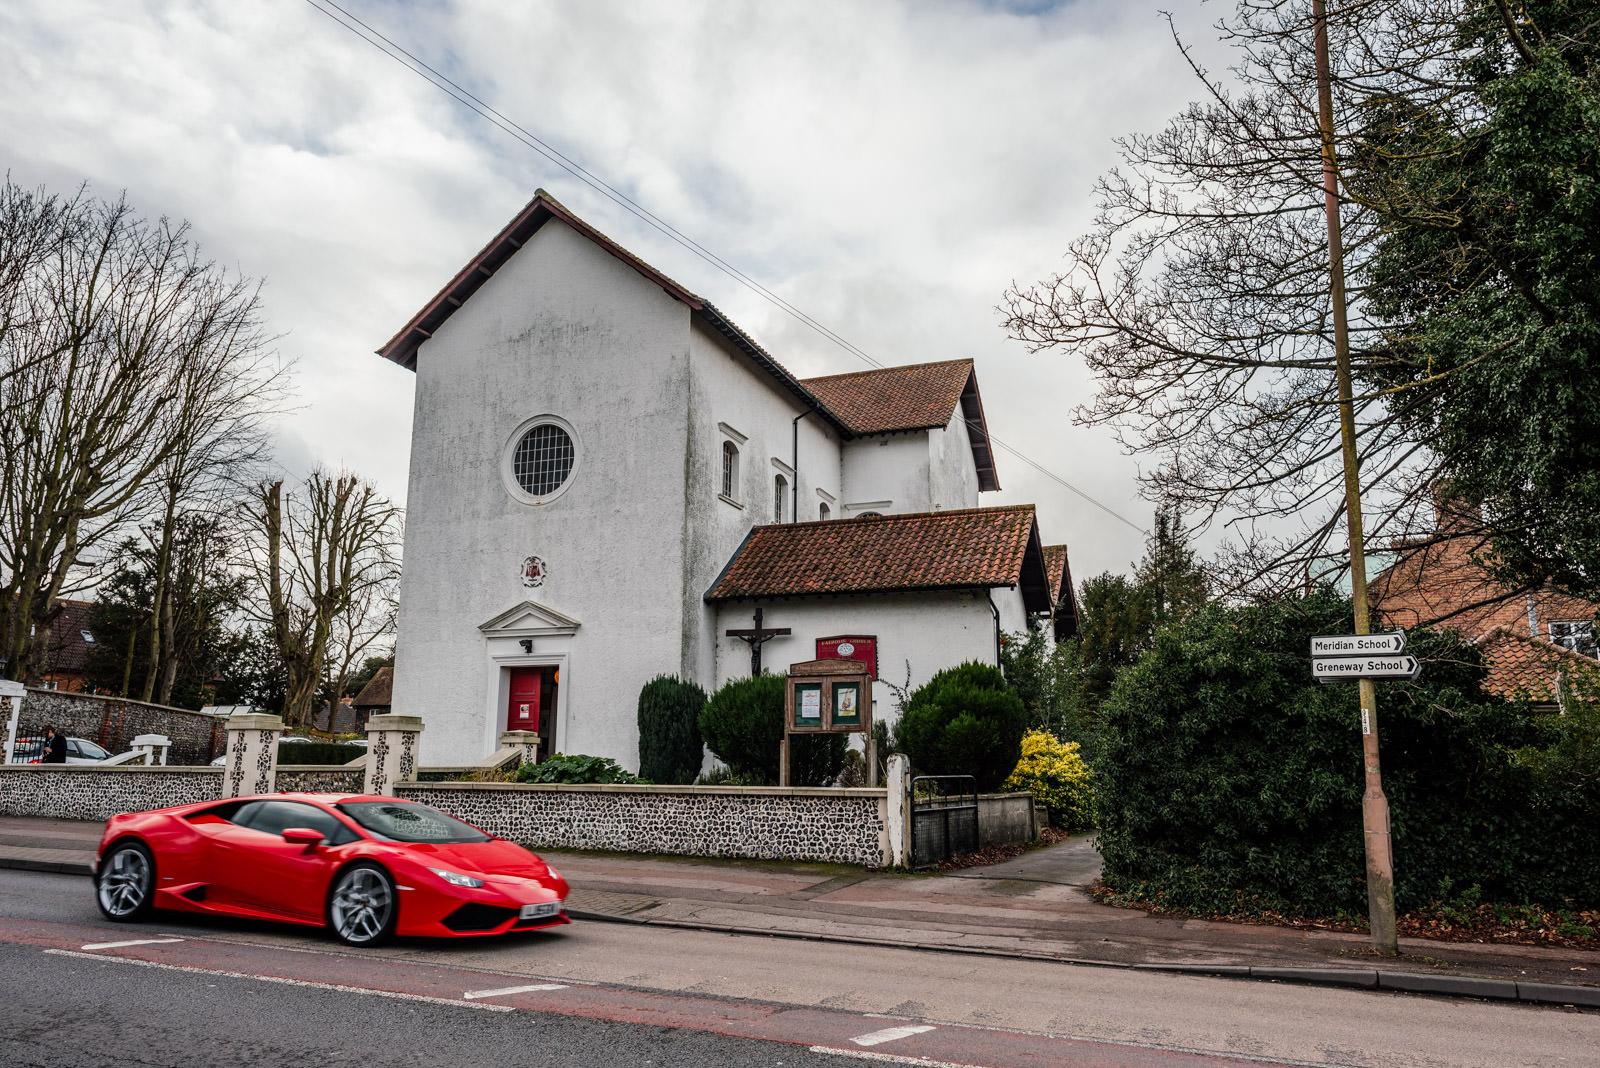 Royston Church